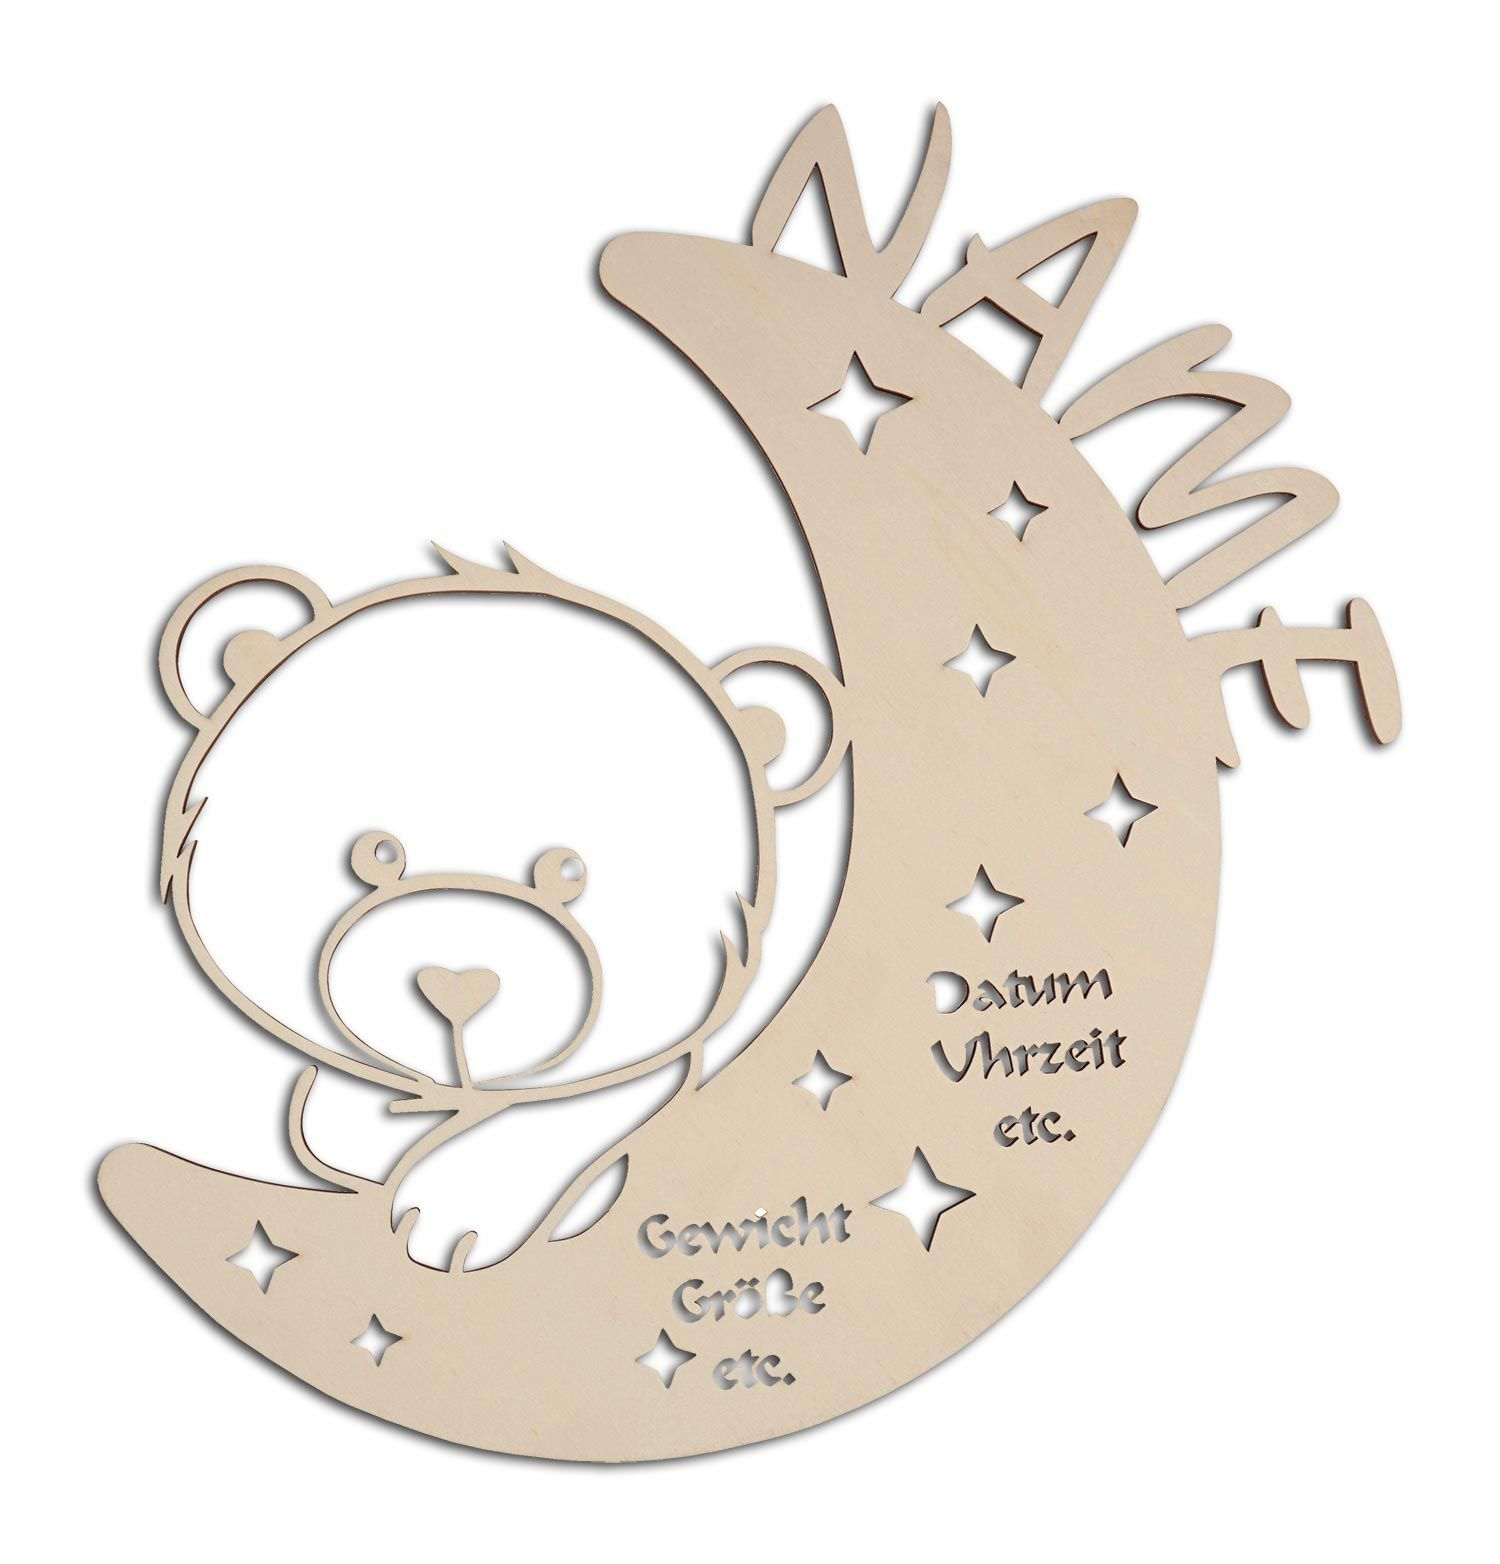 Nachtlicht Teddy Bar Auf Mond Mit Namen Personalisiert Zur Taufe Taufgeschenke Geschenke Zur Geburt